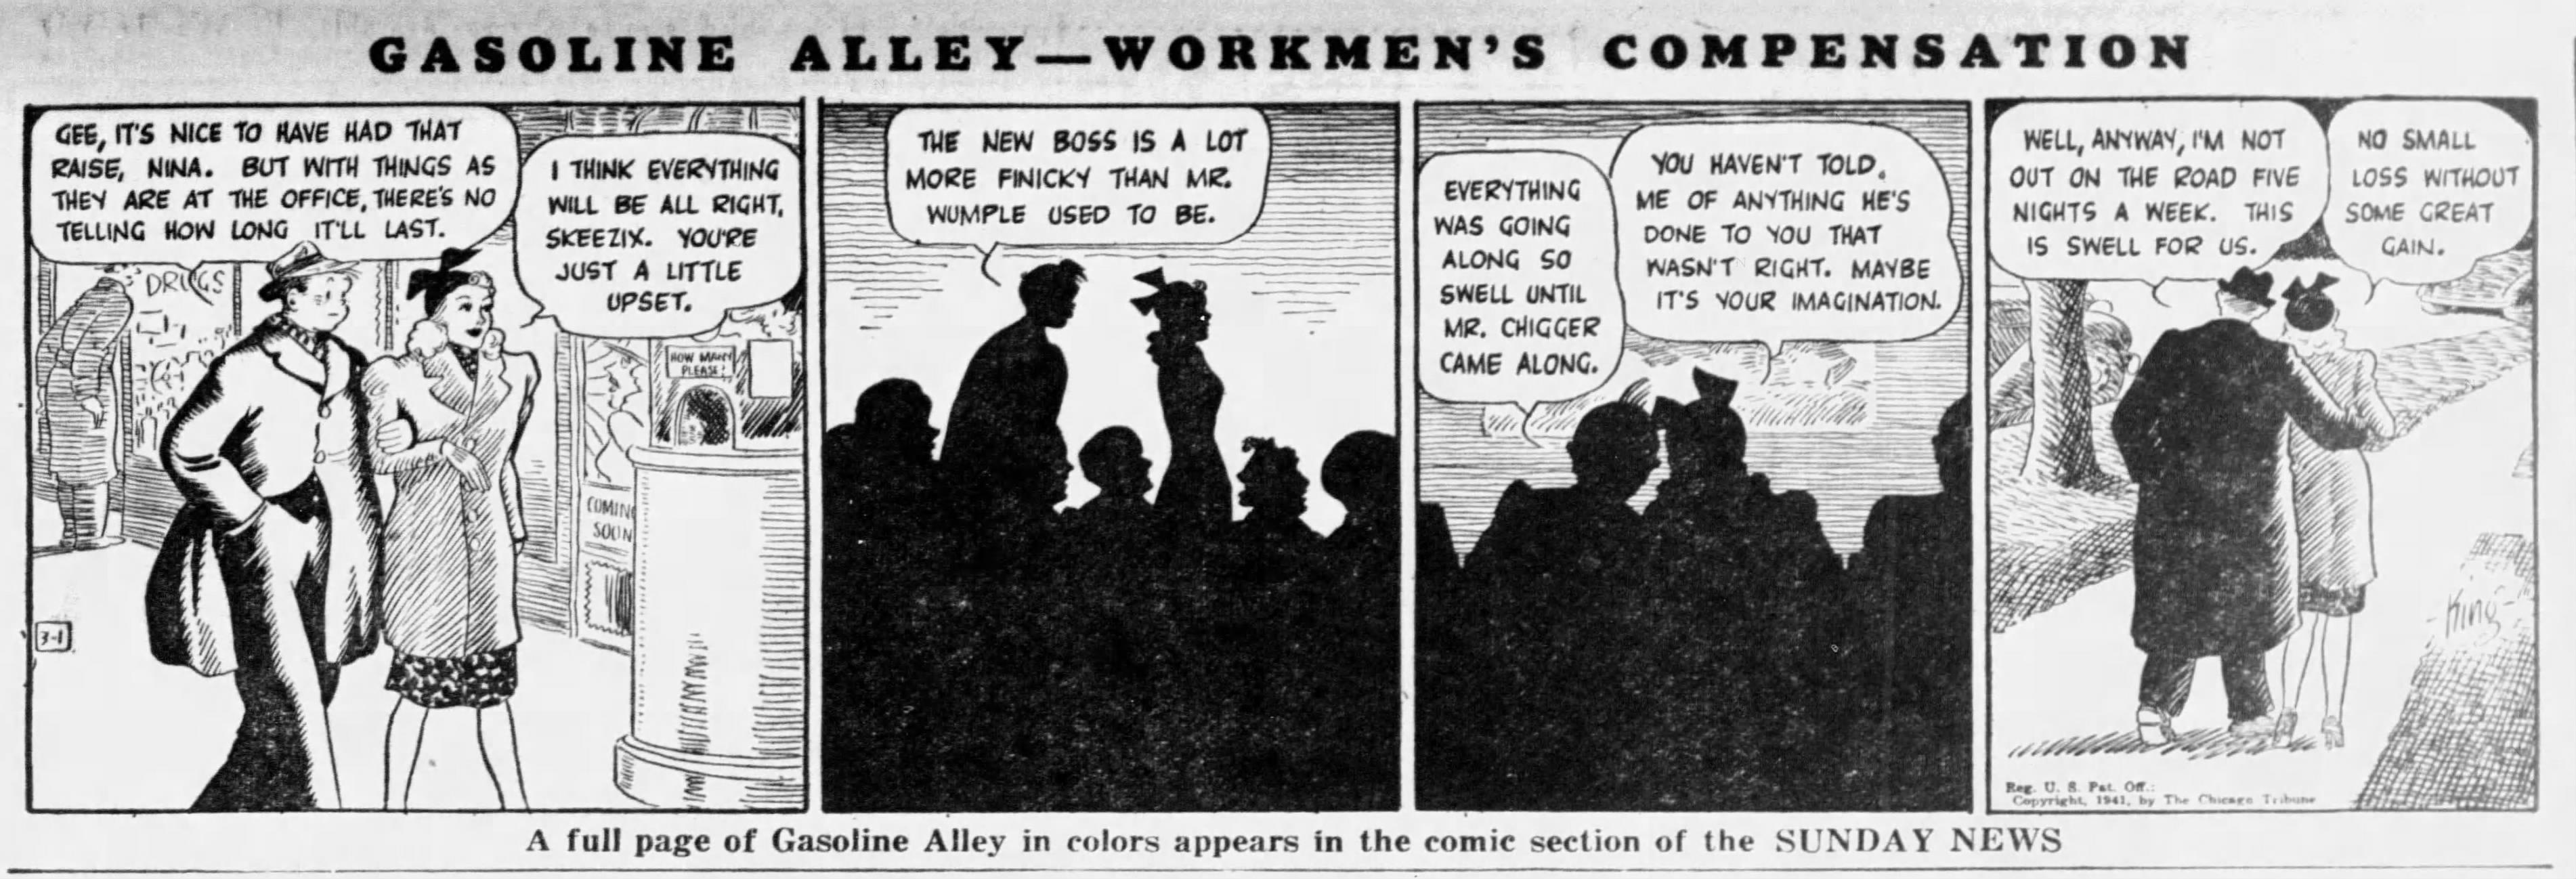 Daily_News_Sat__Mar_1__1941_(5).jpg